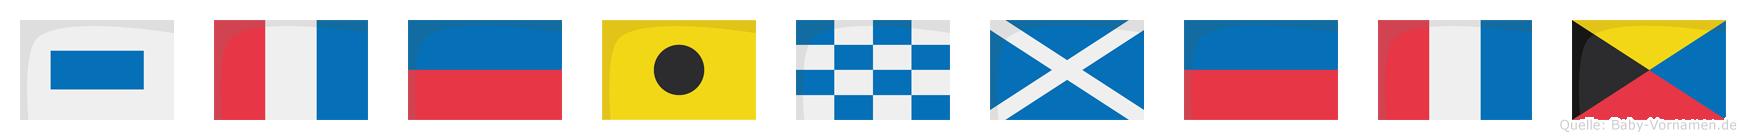 Steinmetz im Flaggenalphabet